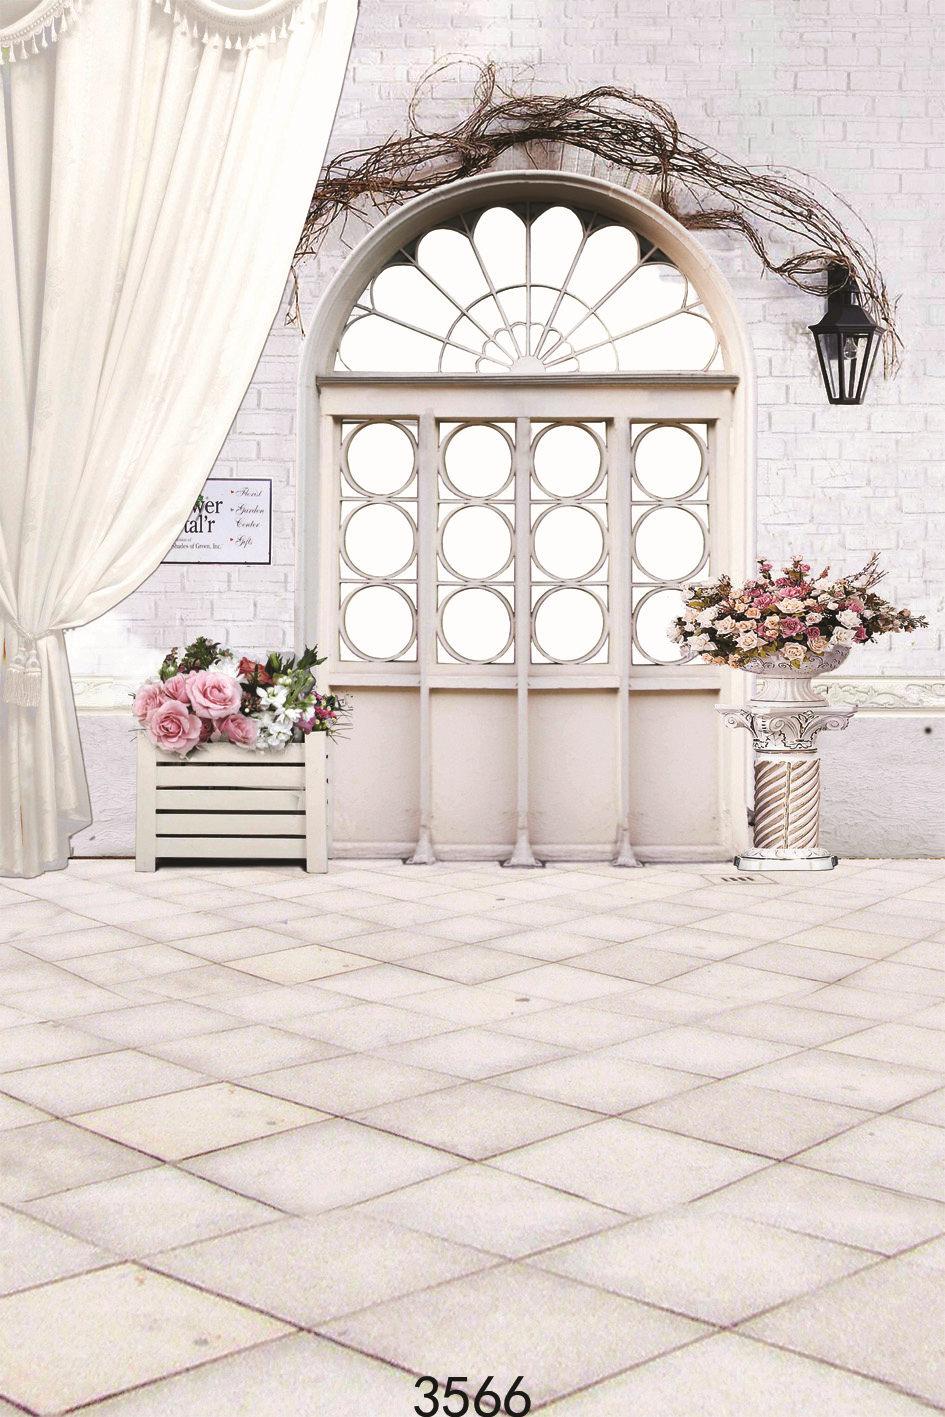 Us 1015 25 Offphotography Background For Photo Studio Children Wedding Indoor French Door Vinyl Cloth Hotographic Backdrop For Photo Shooting In